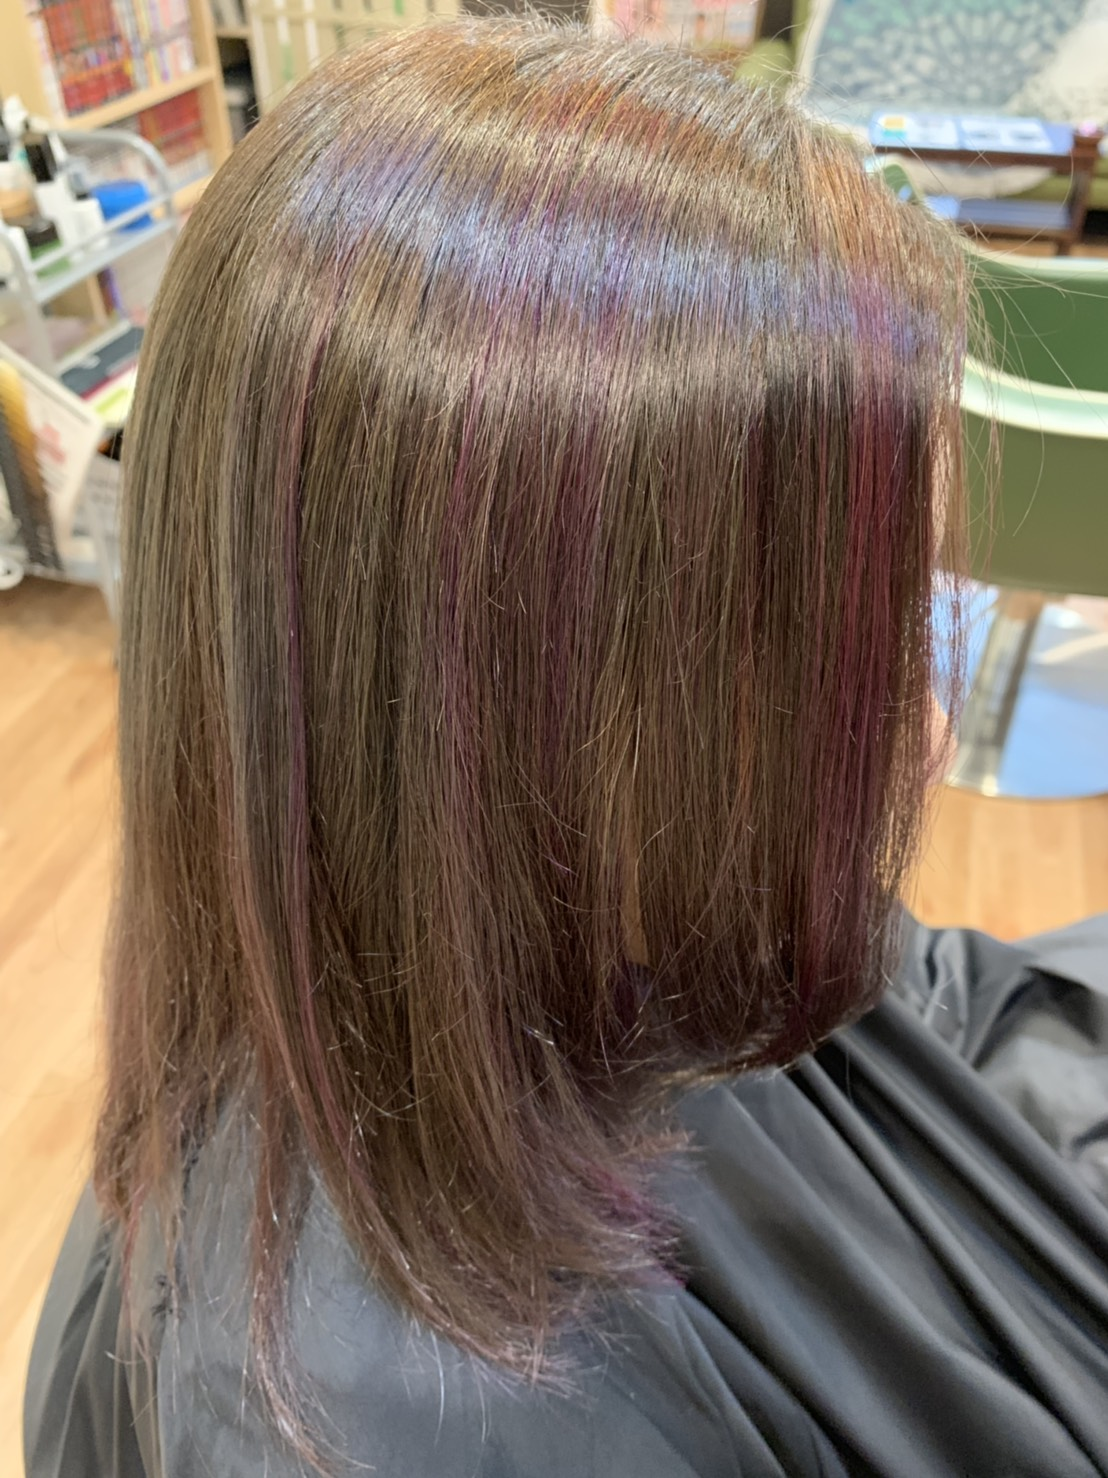 S  31023116 - Hair Gallery